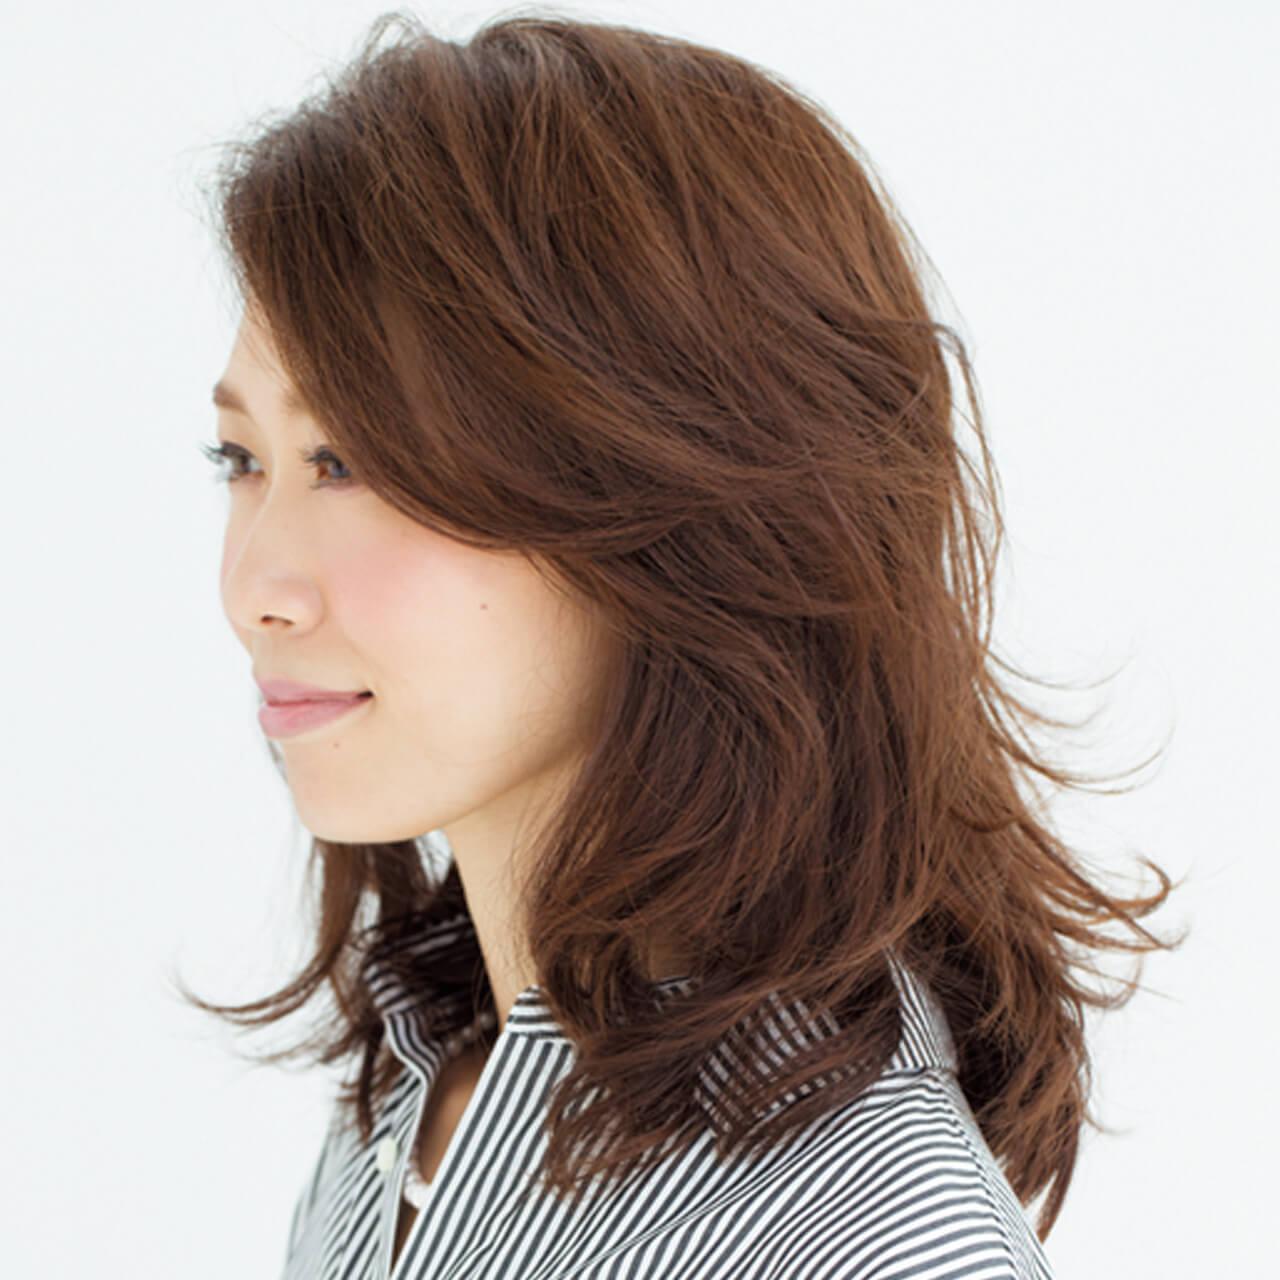 深刻な前髪のうねりも解決!長め×流し前髪でまとまりのあるツヤ髪が完成【40代のミディアムヘア】_1_2